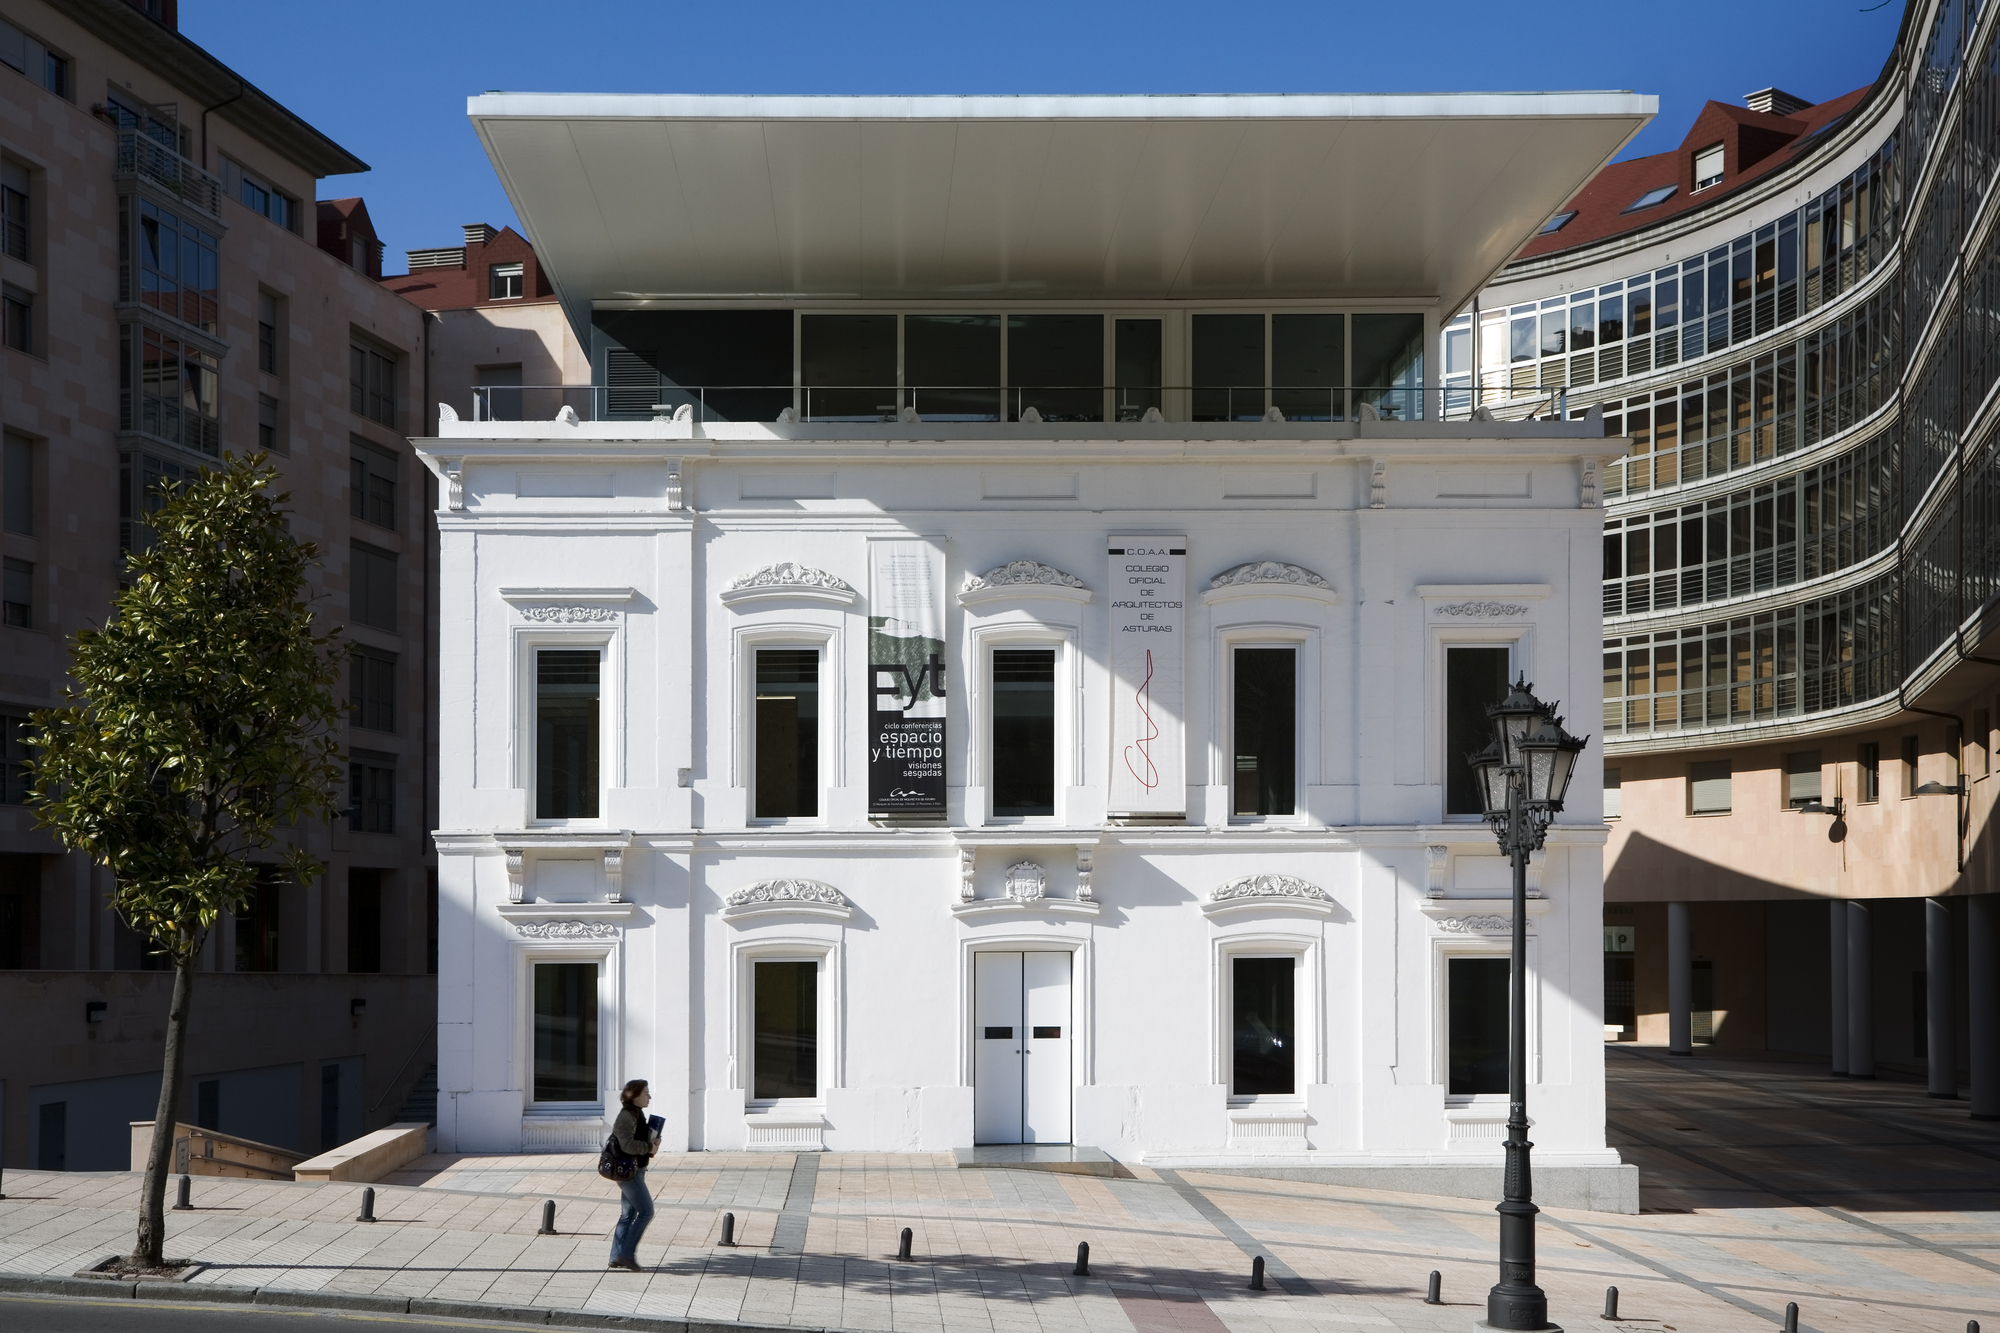 5099449328ba0d03f00001da sede del colego oficial de arquitectos de asturias en oviedo ru z - Arquitectos en oviedo ...